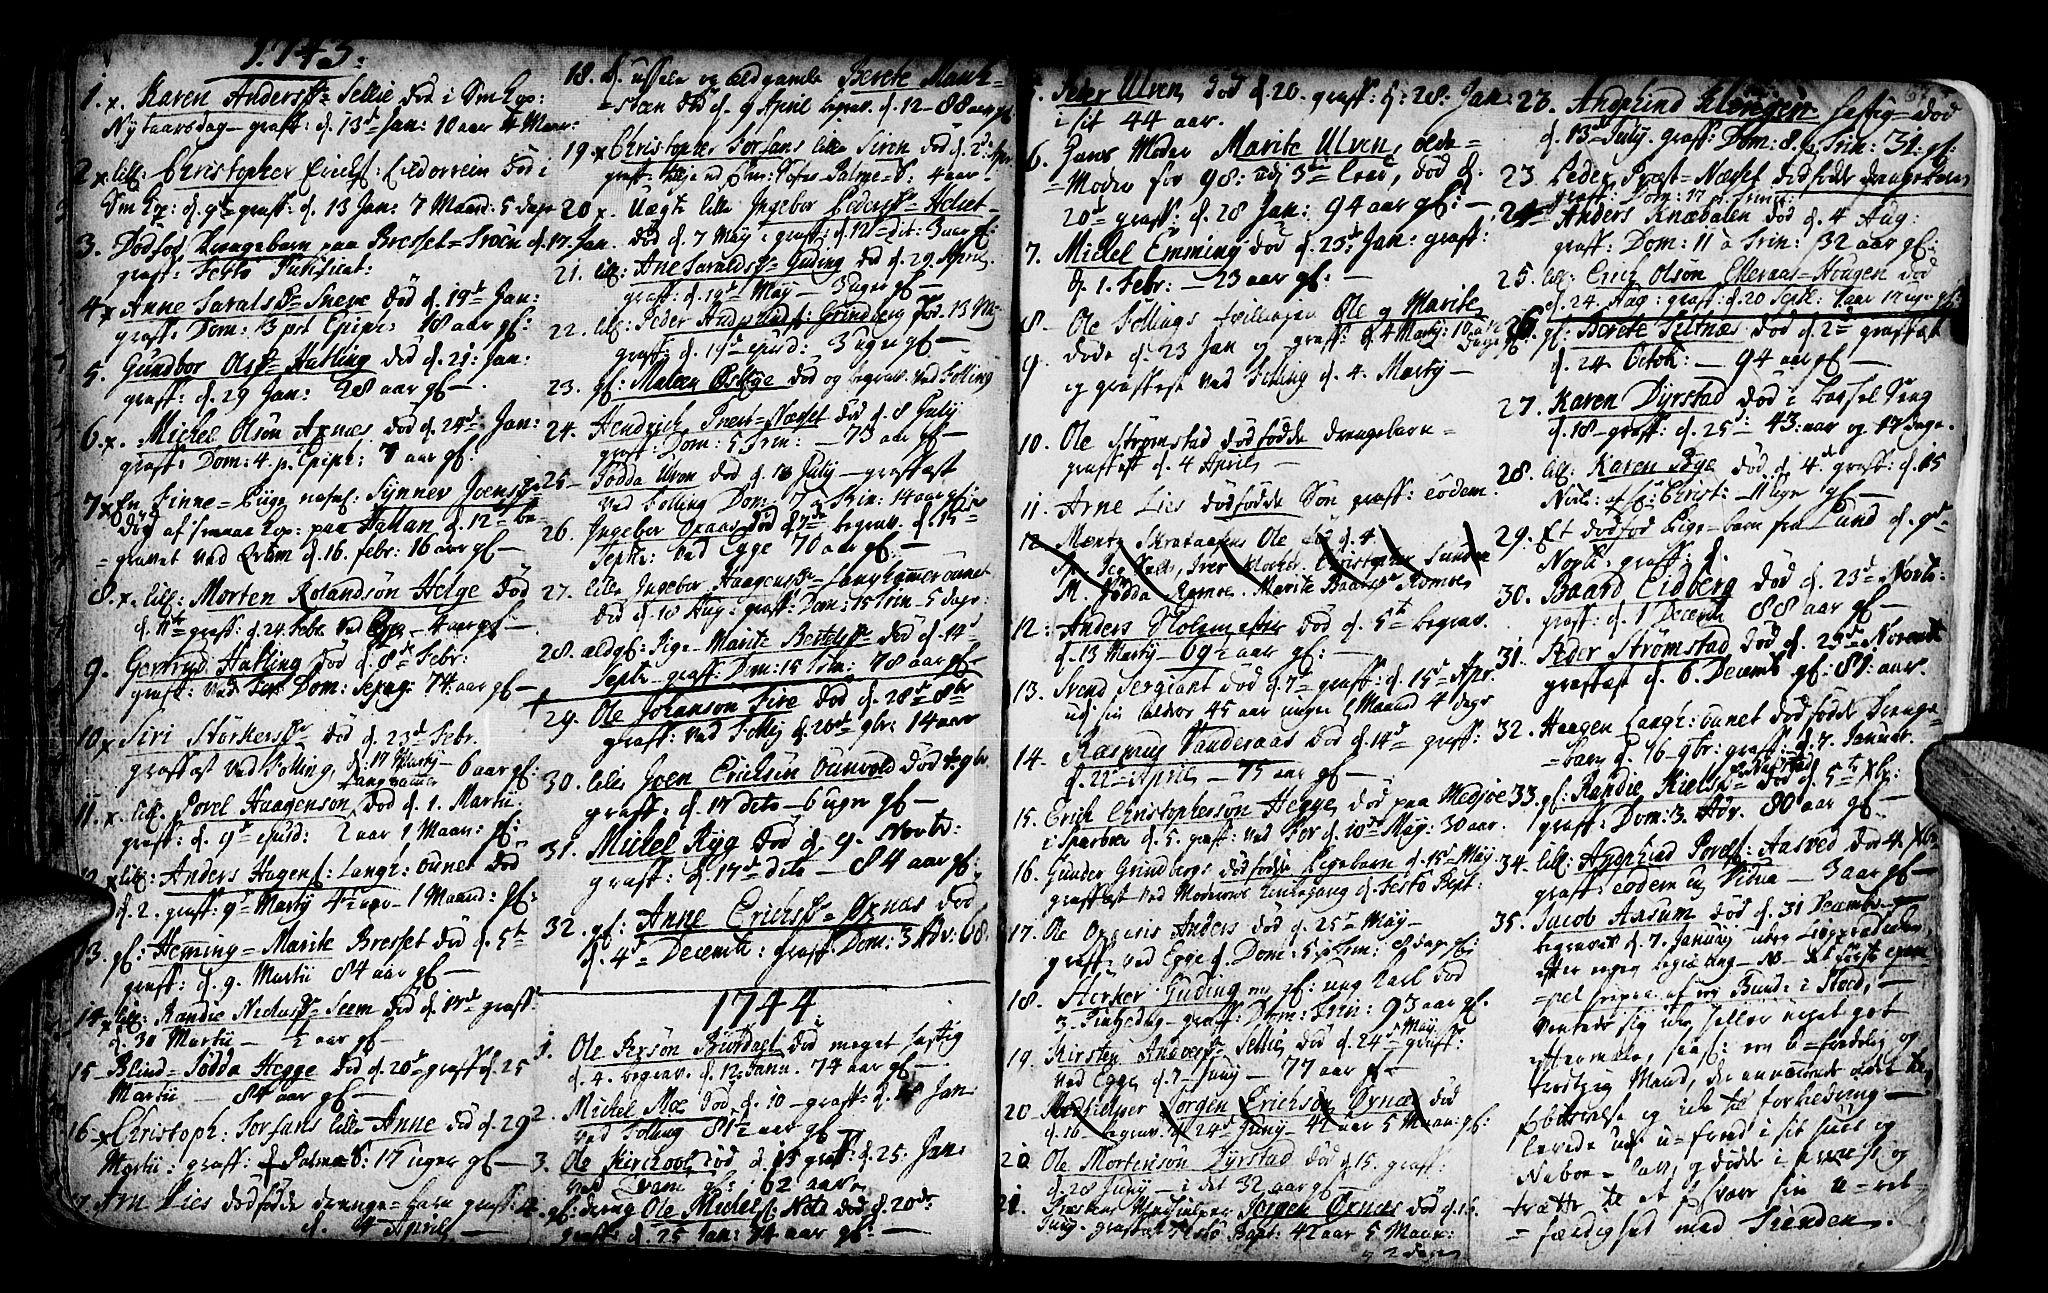 SAT, Ministerialprotokoller, klokkerbøker og fødselsregistre - Nord-Trøndelag, 746/L0439: Ministerialbok nr. 746A01, 1688-1759, s. 67